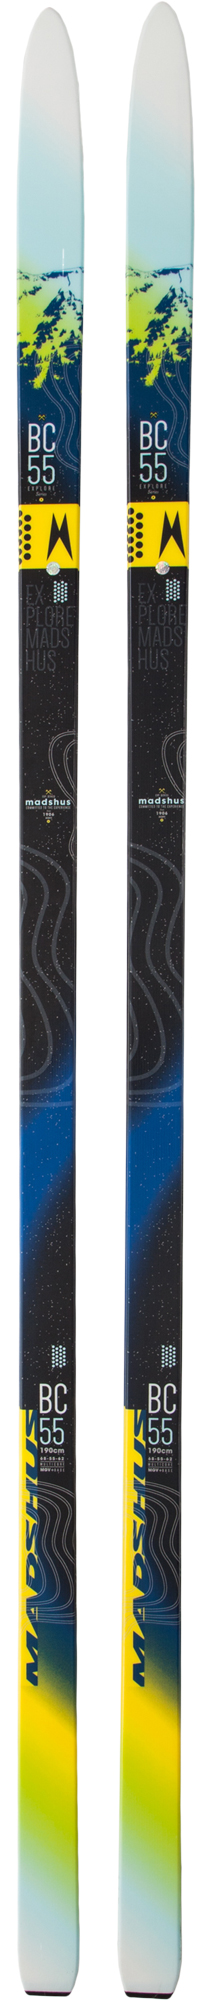 Madshus Беговые лыжи Madshus Bc 55 Mgv+ лыжи беговые tisa top universal с креплением цвет желтый белый черный рост 182 см